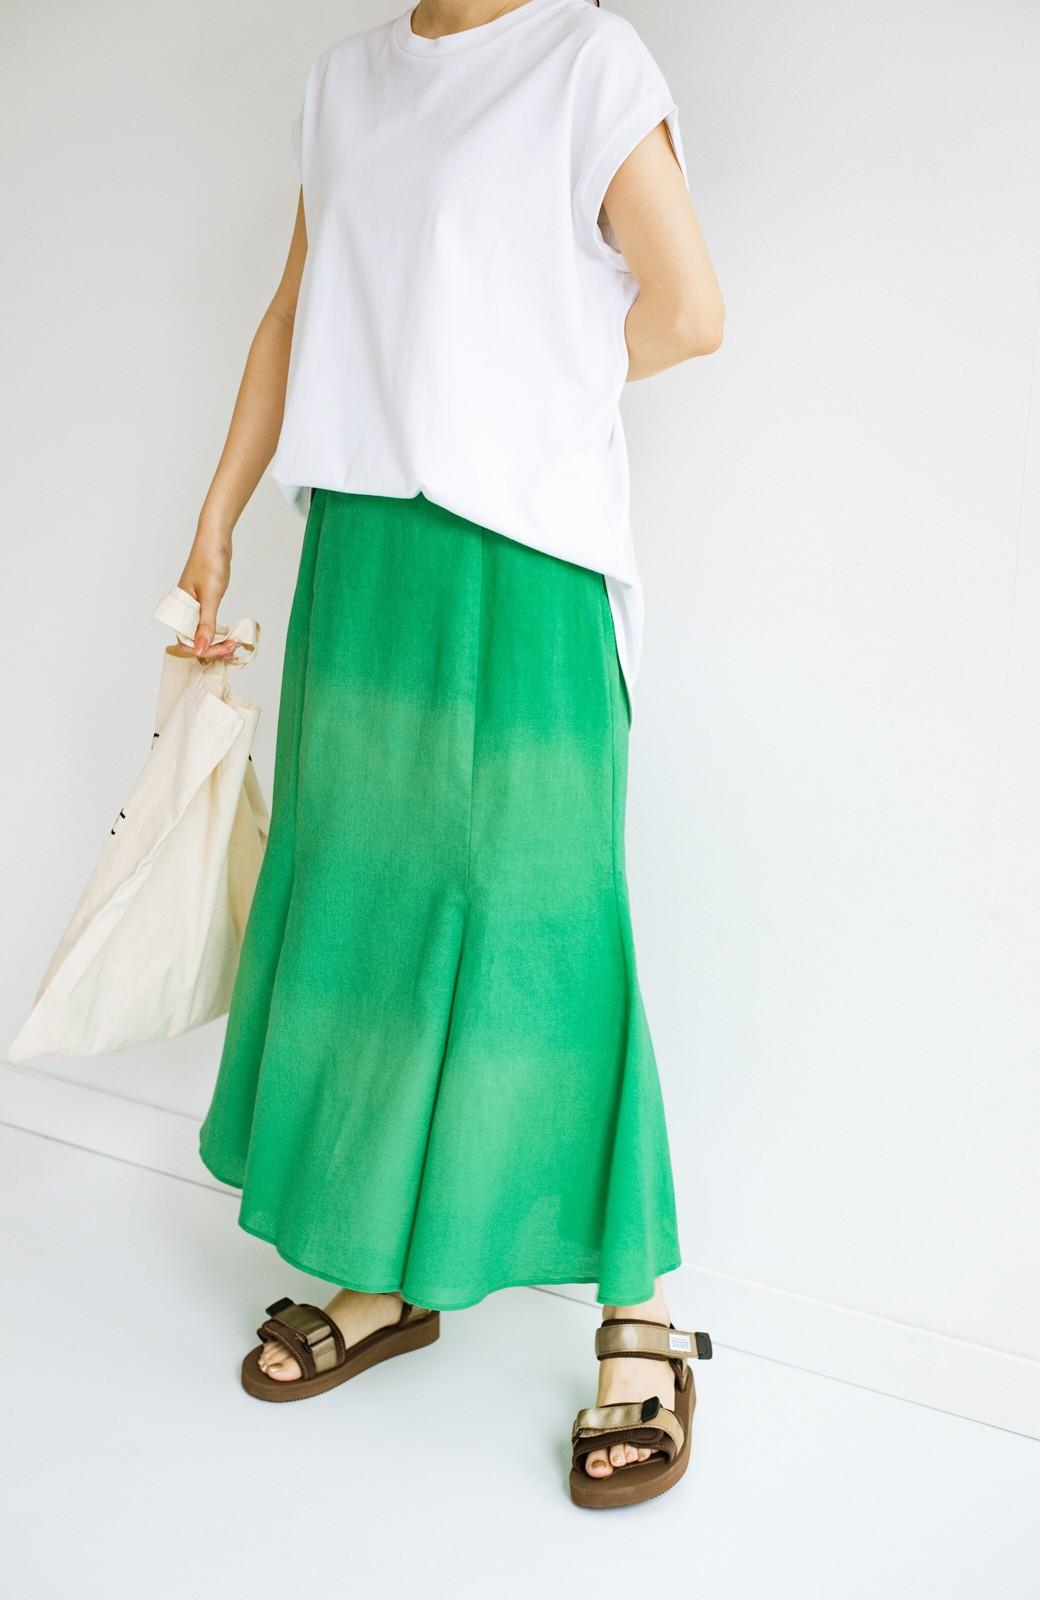 haco! 時間のない朝にもパッと出かけられる!元気が出るきれい色スカートにちょうどいいロゴTシャツを合わせておいた作り置きコーデセット by que made me <その他>の商品写真23